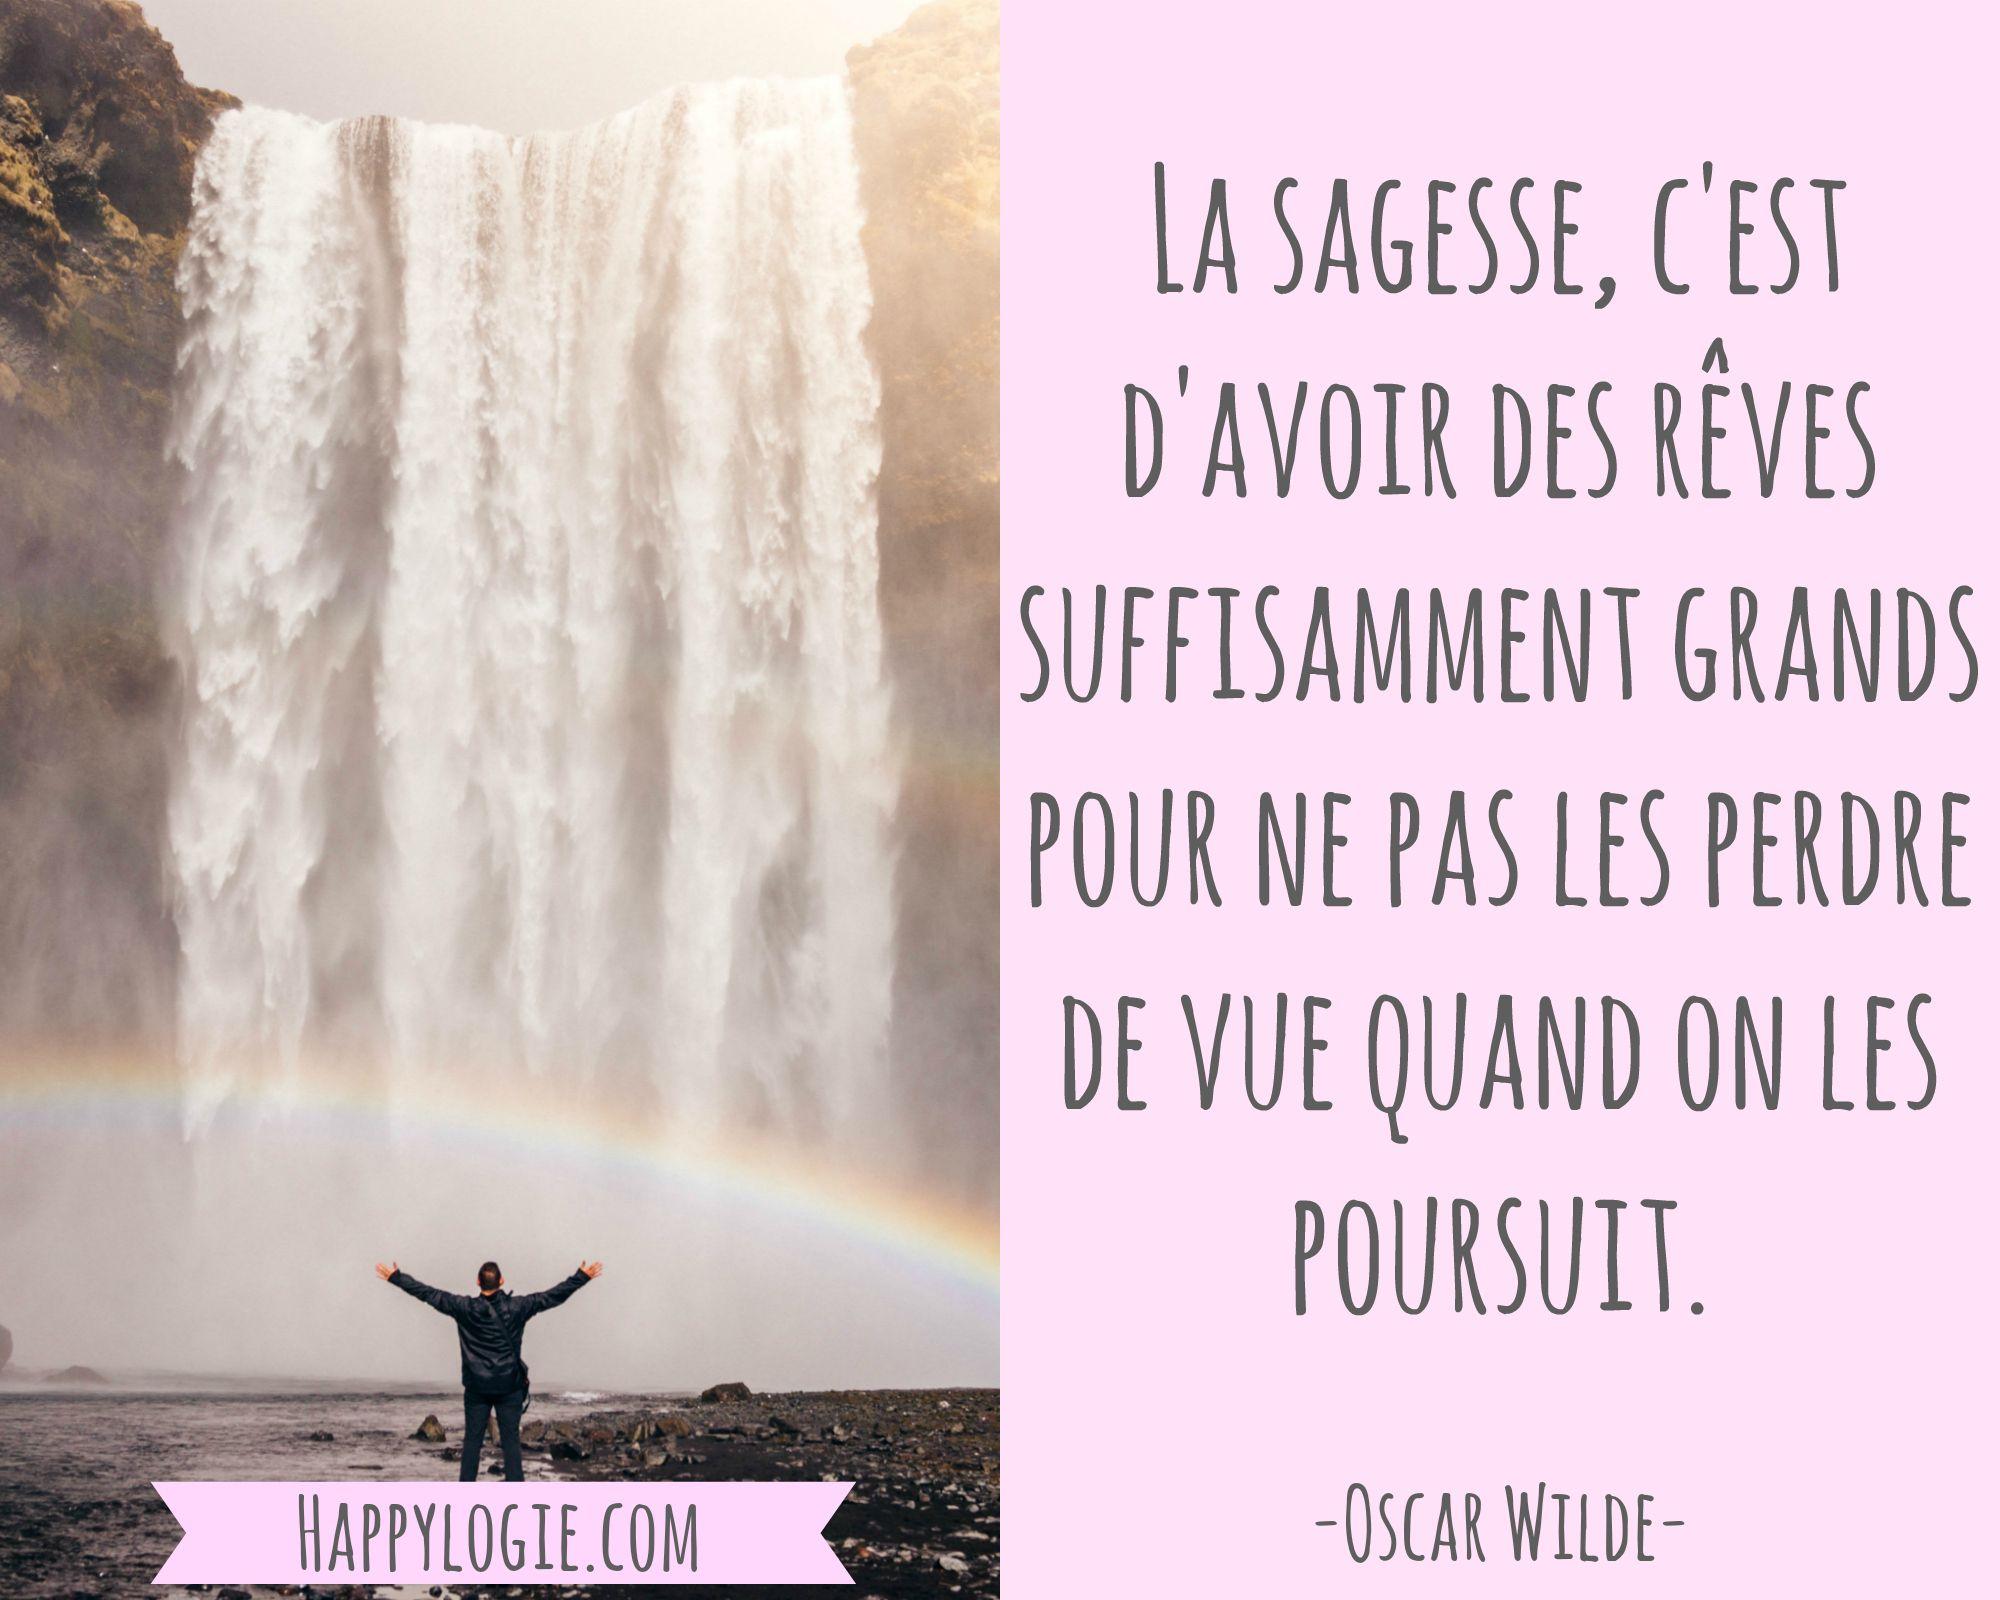 Citation en français   La sagesse, c'est d'avoir des rêves